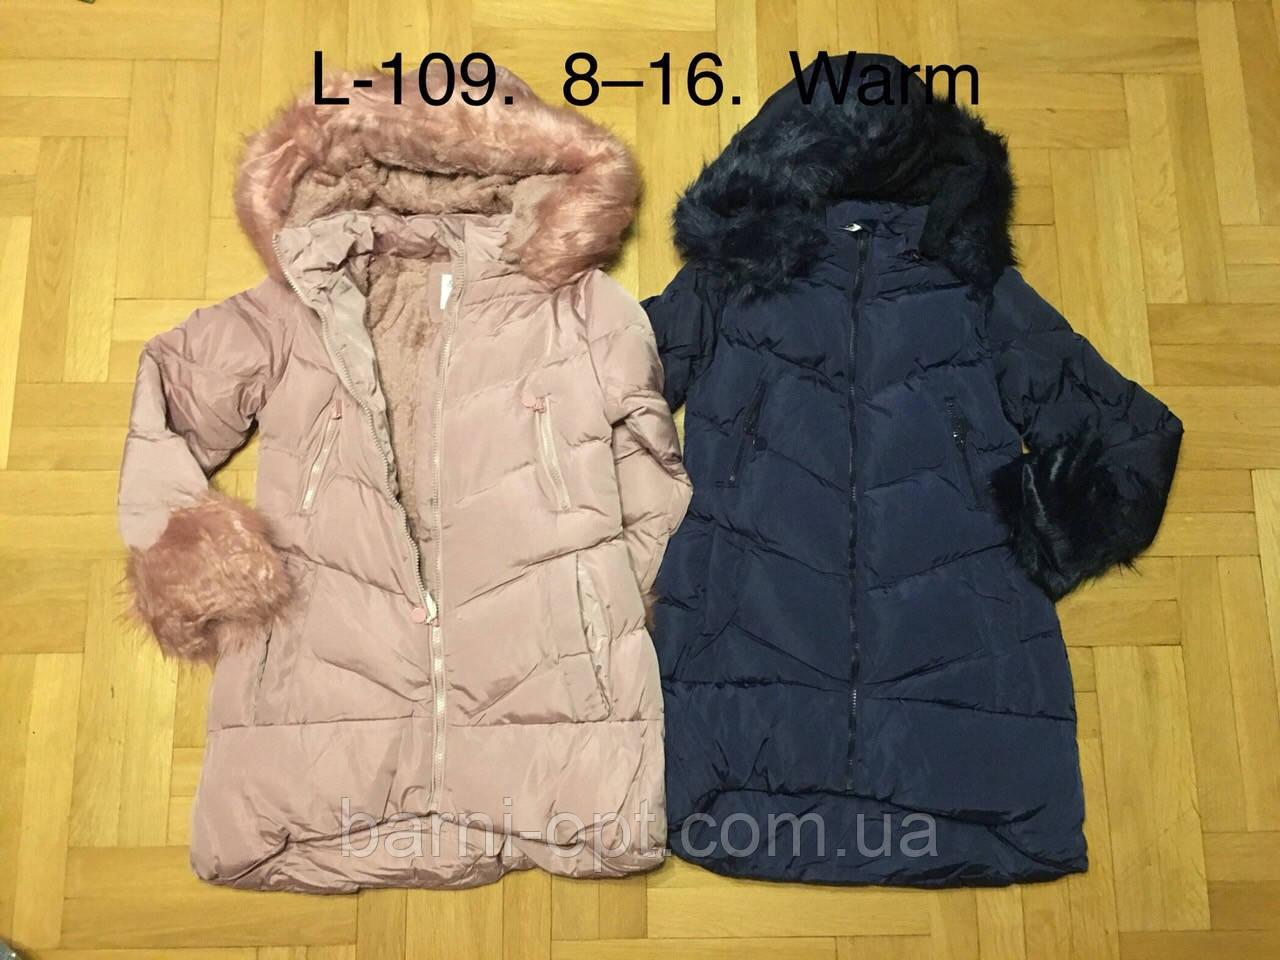 Куртки зимние для девочек оптом, F&D, 8-16 рр